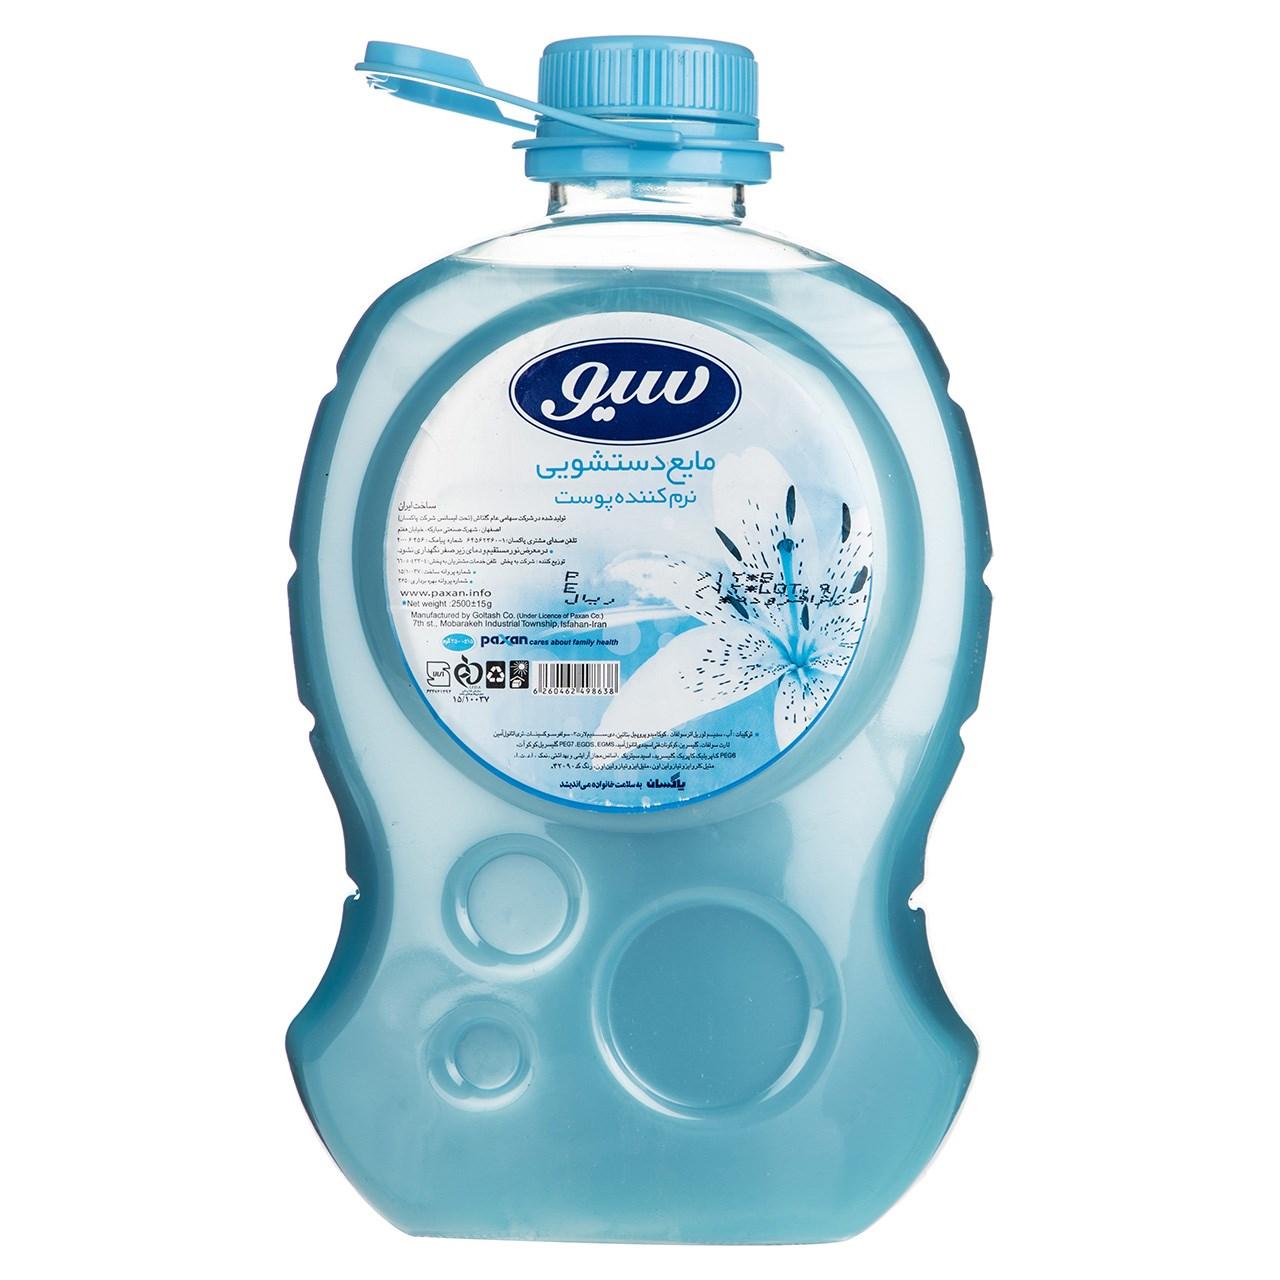 مایع دستشویی حبابی آبی سیو مقدار 2500 گرم